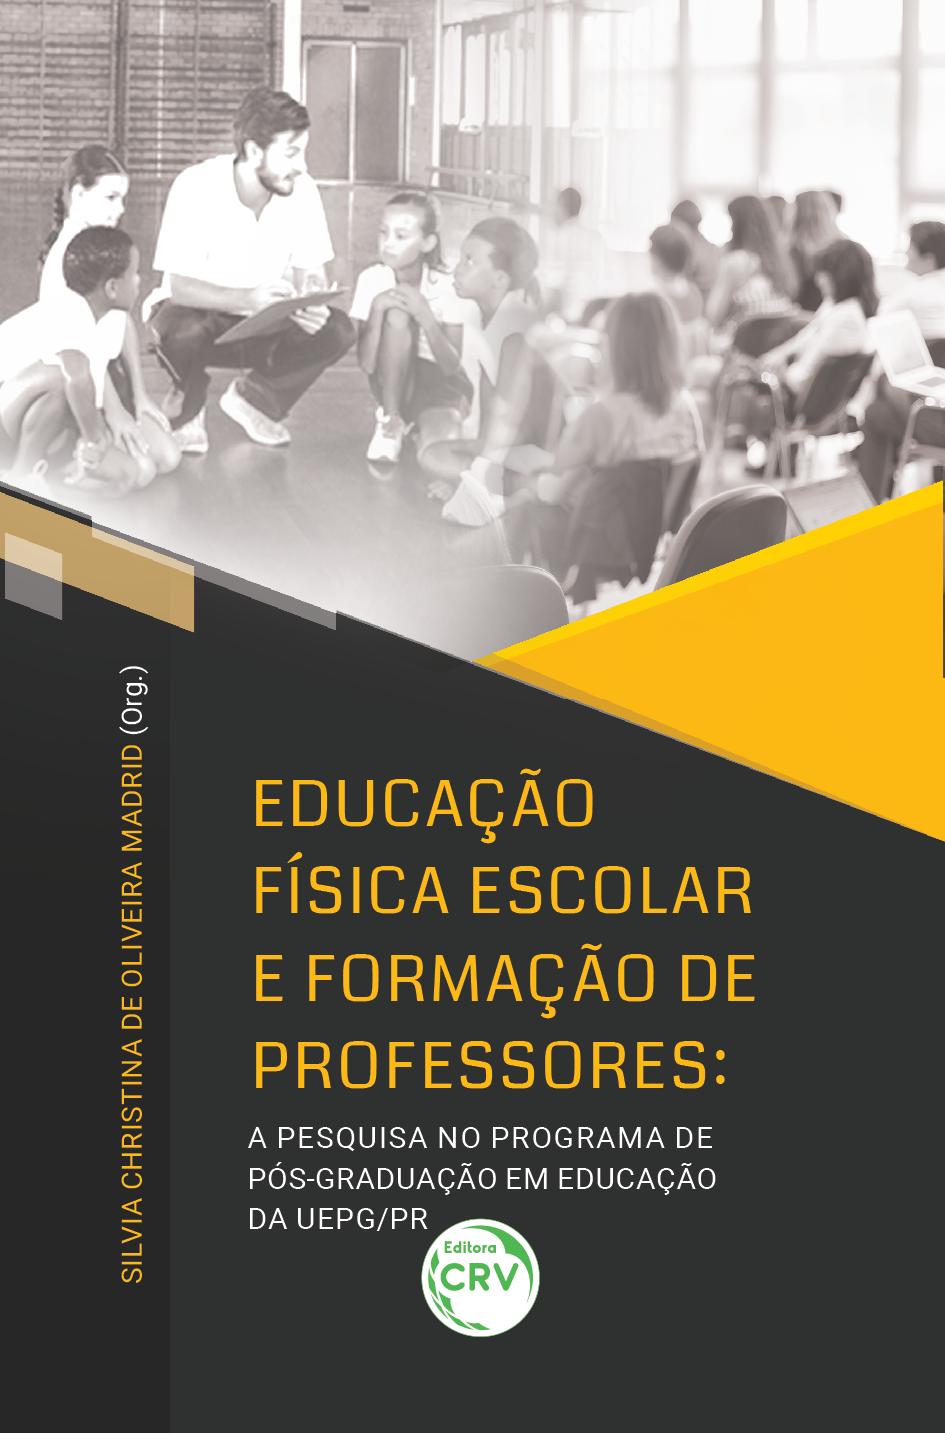 Capa do livro: EDUCAÇÃO FÍSICA ESCOLAR E FORMAÇÃO DE PROFESSORES:  <br>a pesquisa no Programa de Pós-Graduação em Educação da UEPG/PR